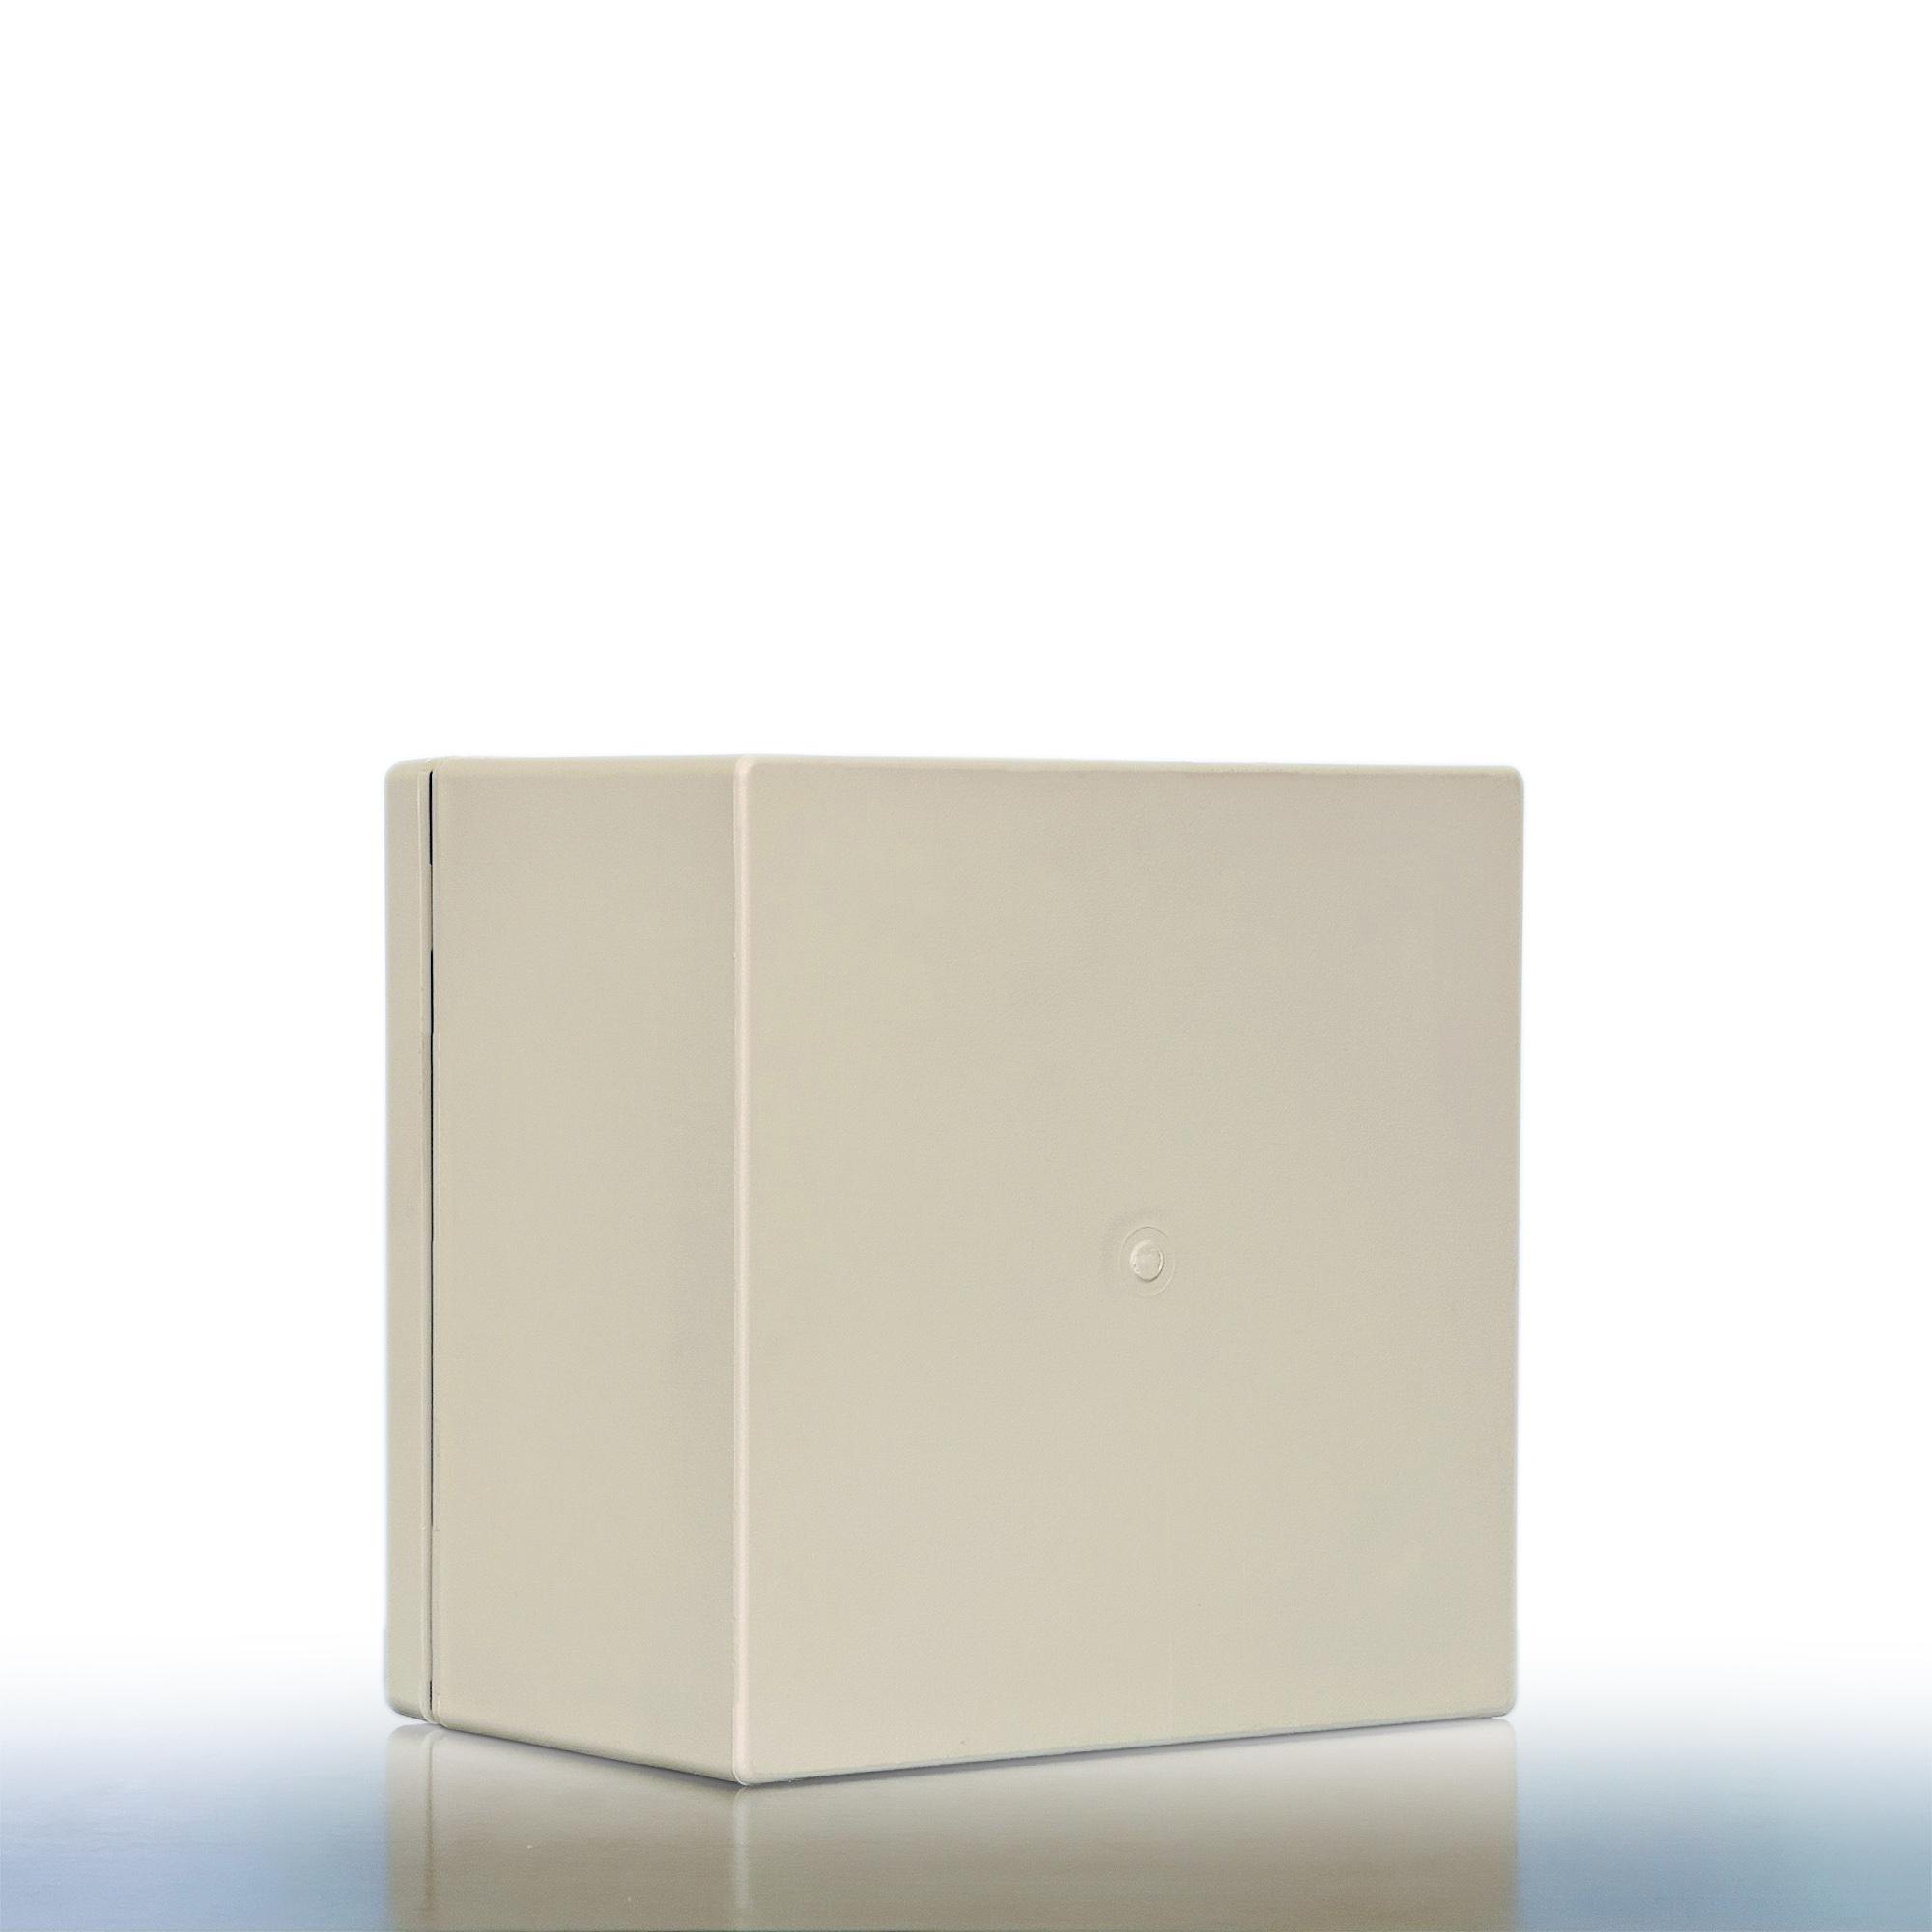 VỎ TỦ ĐIỆN NHỰA (30x30x16 cm)